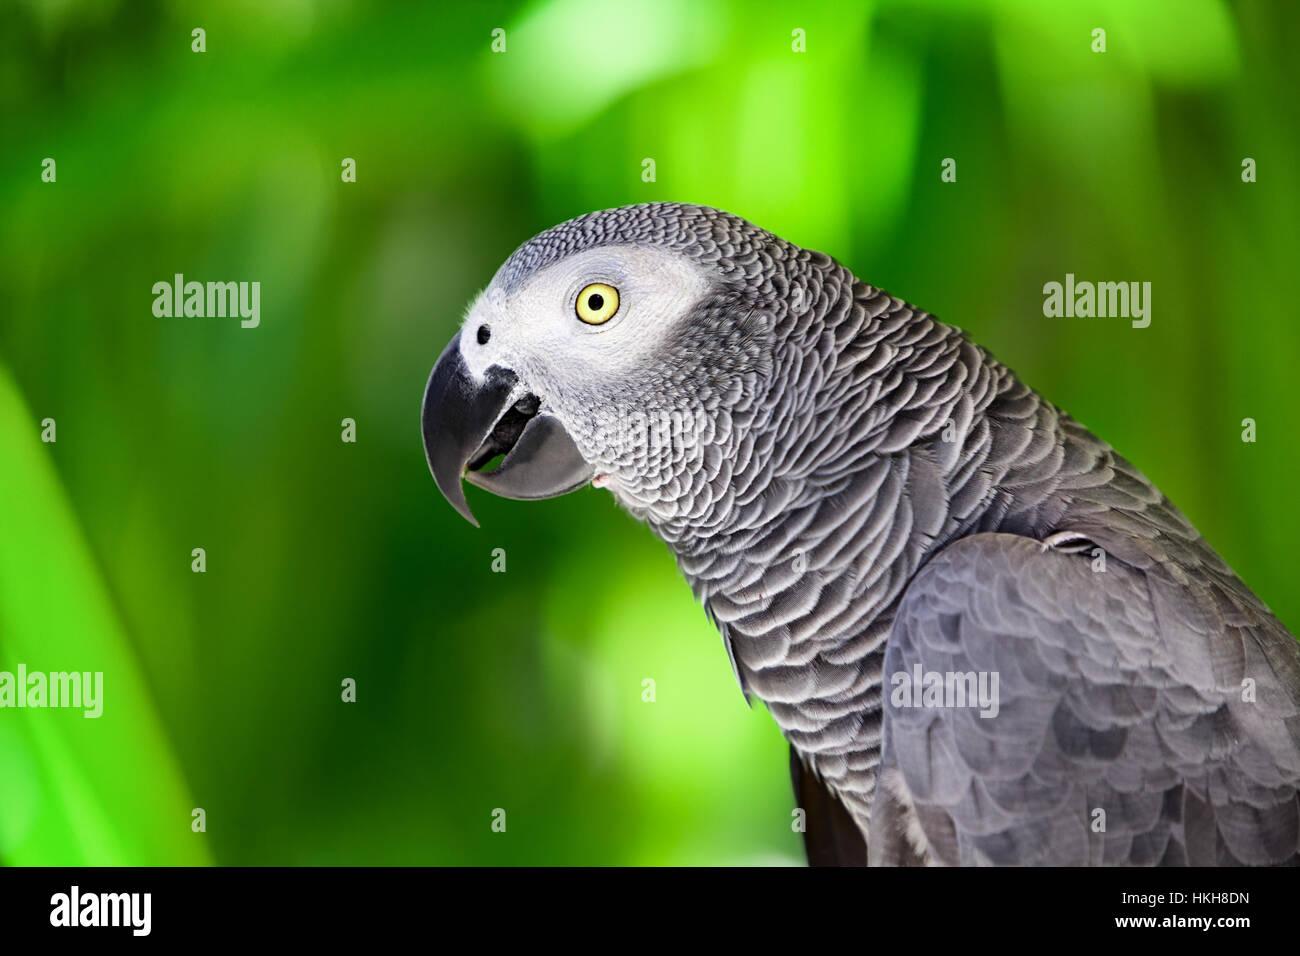 Pappagallo grigio africano contro la giungla. Wild pappagallo grigio testa su sfondo verde. La fauna selvatica e Immagini Stock